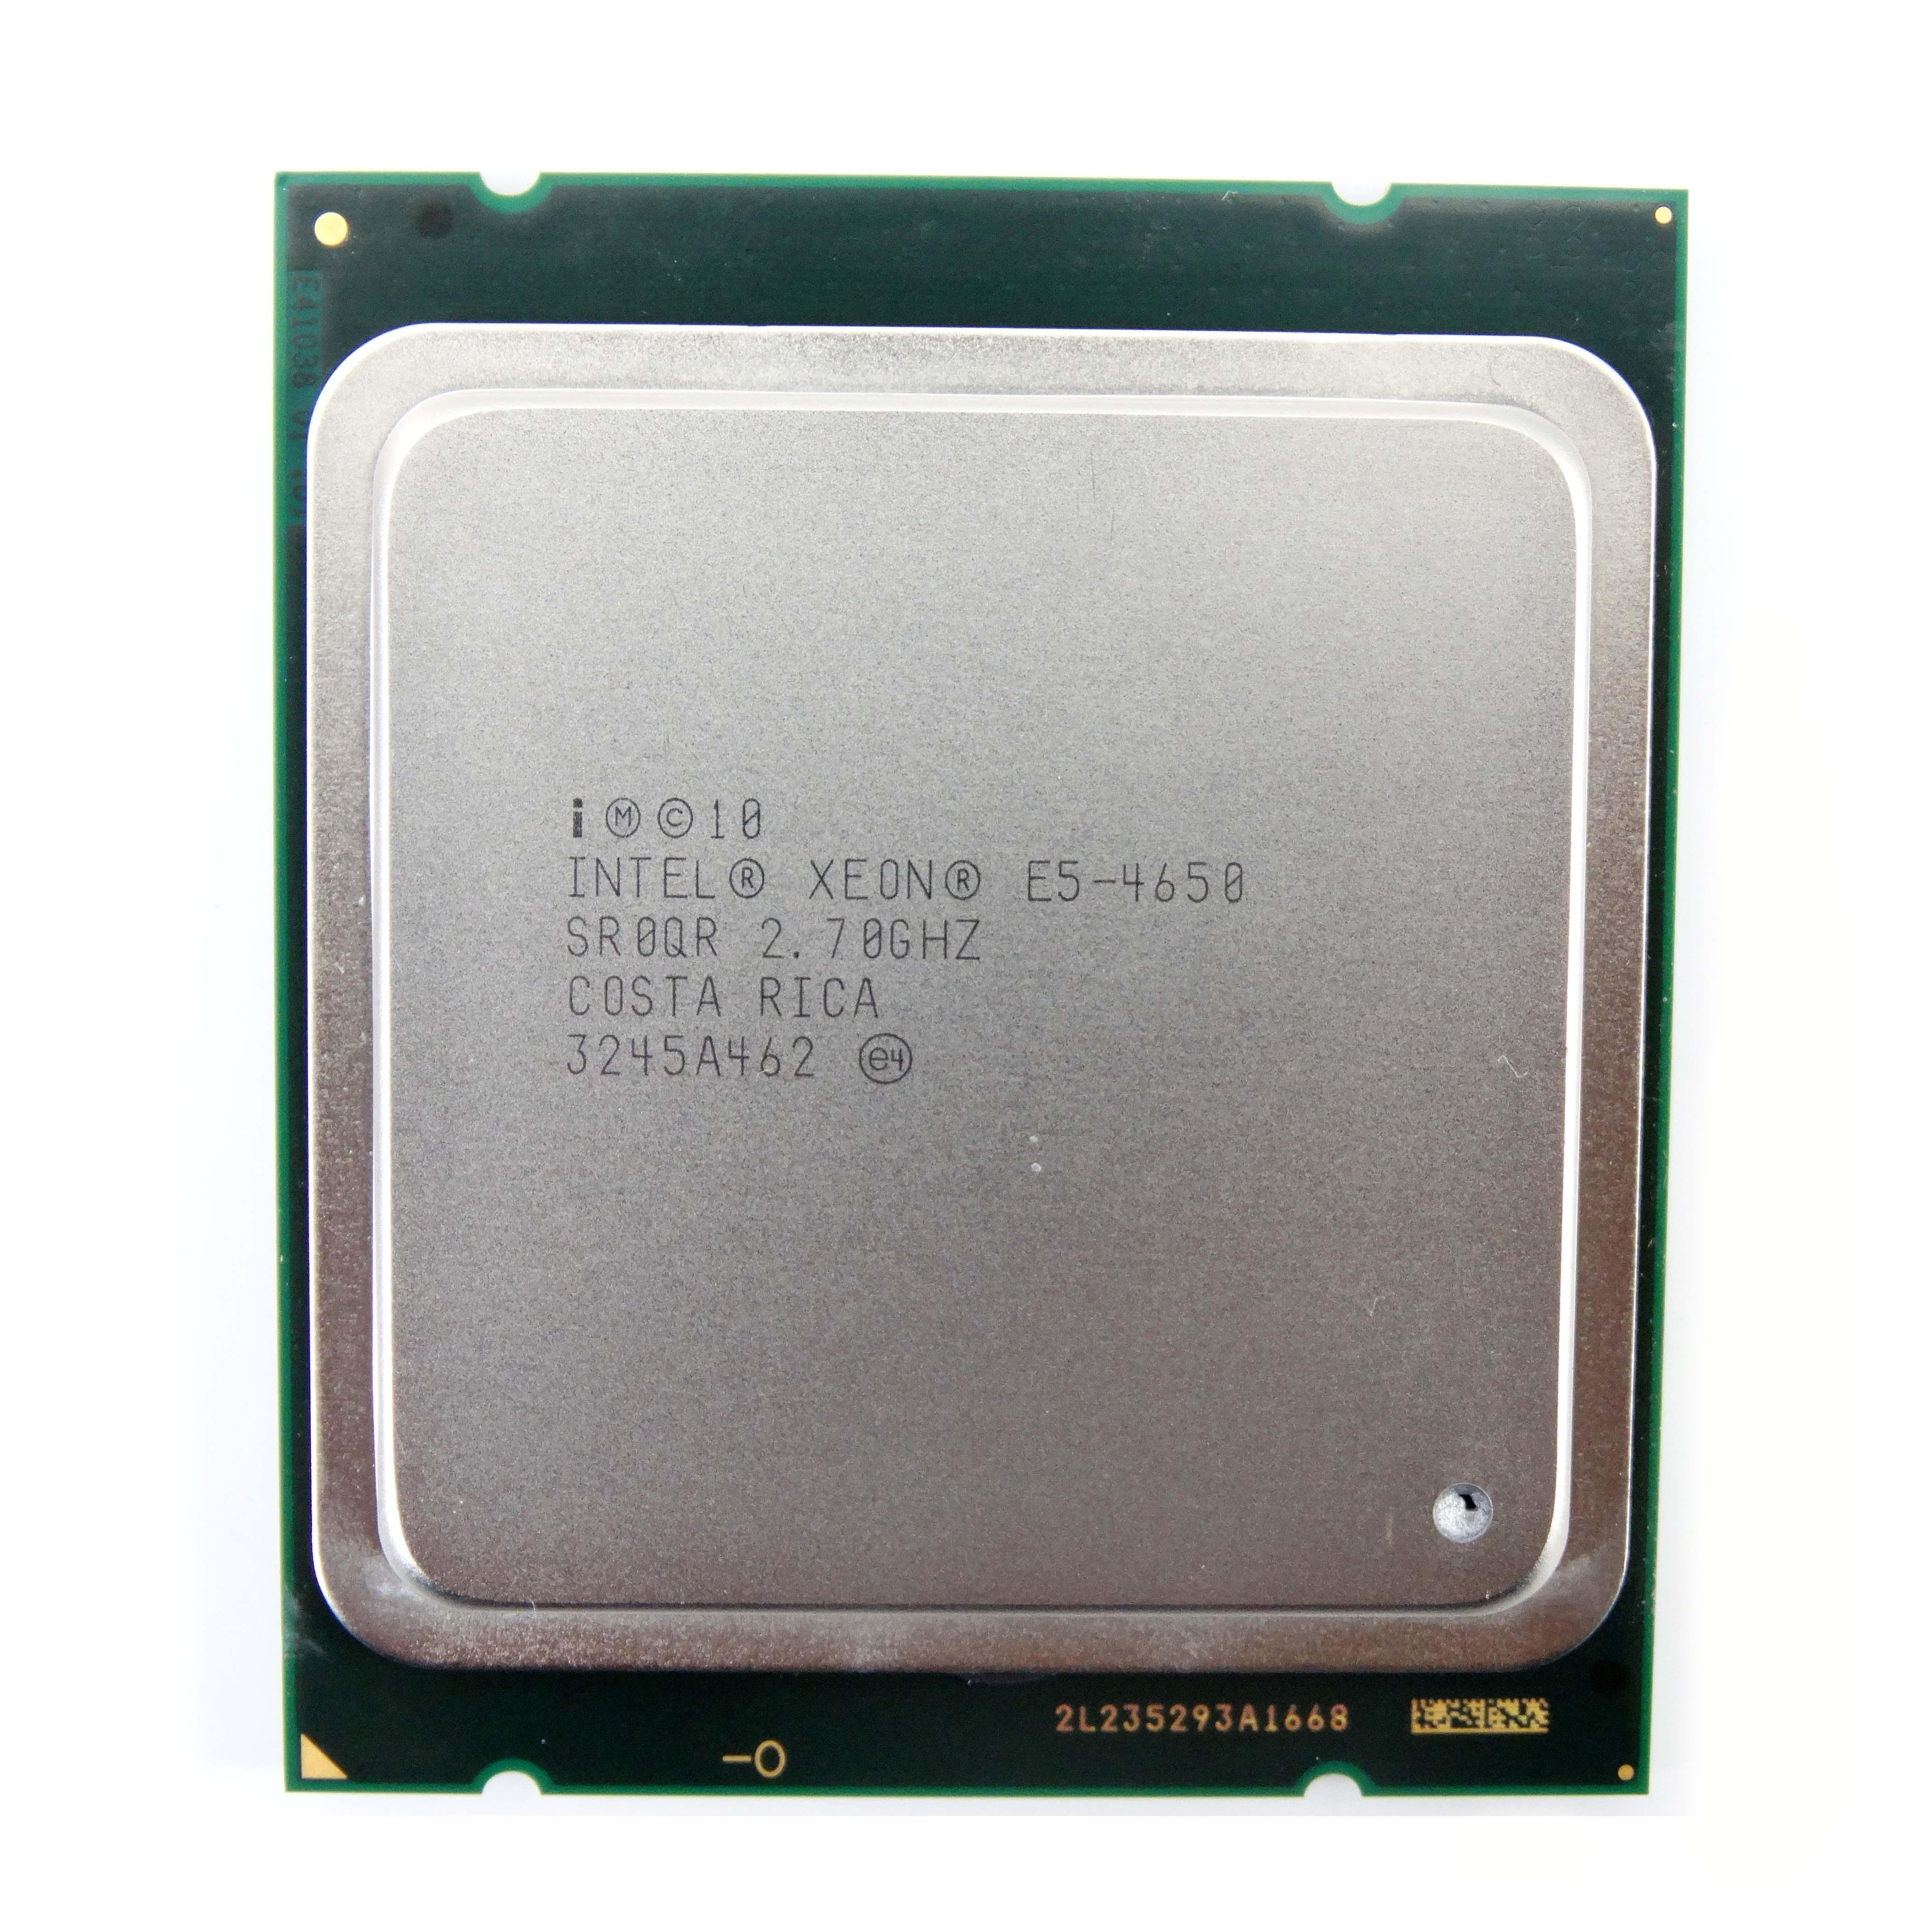 INTEL XEON E5-4650 2.7GHZ 8 CORE 20MB LGA2011 PROCESSOR (SR0QR)